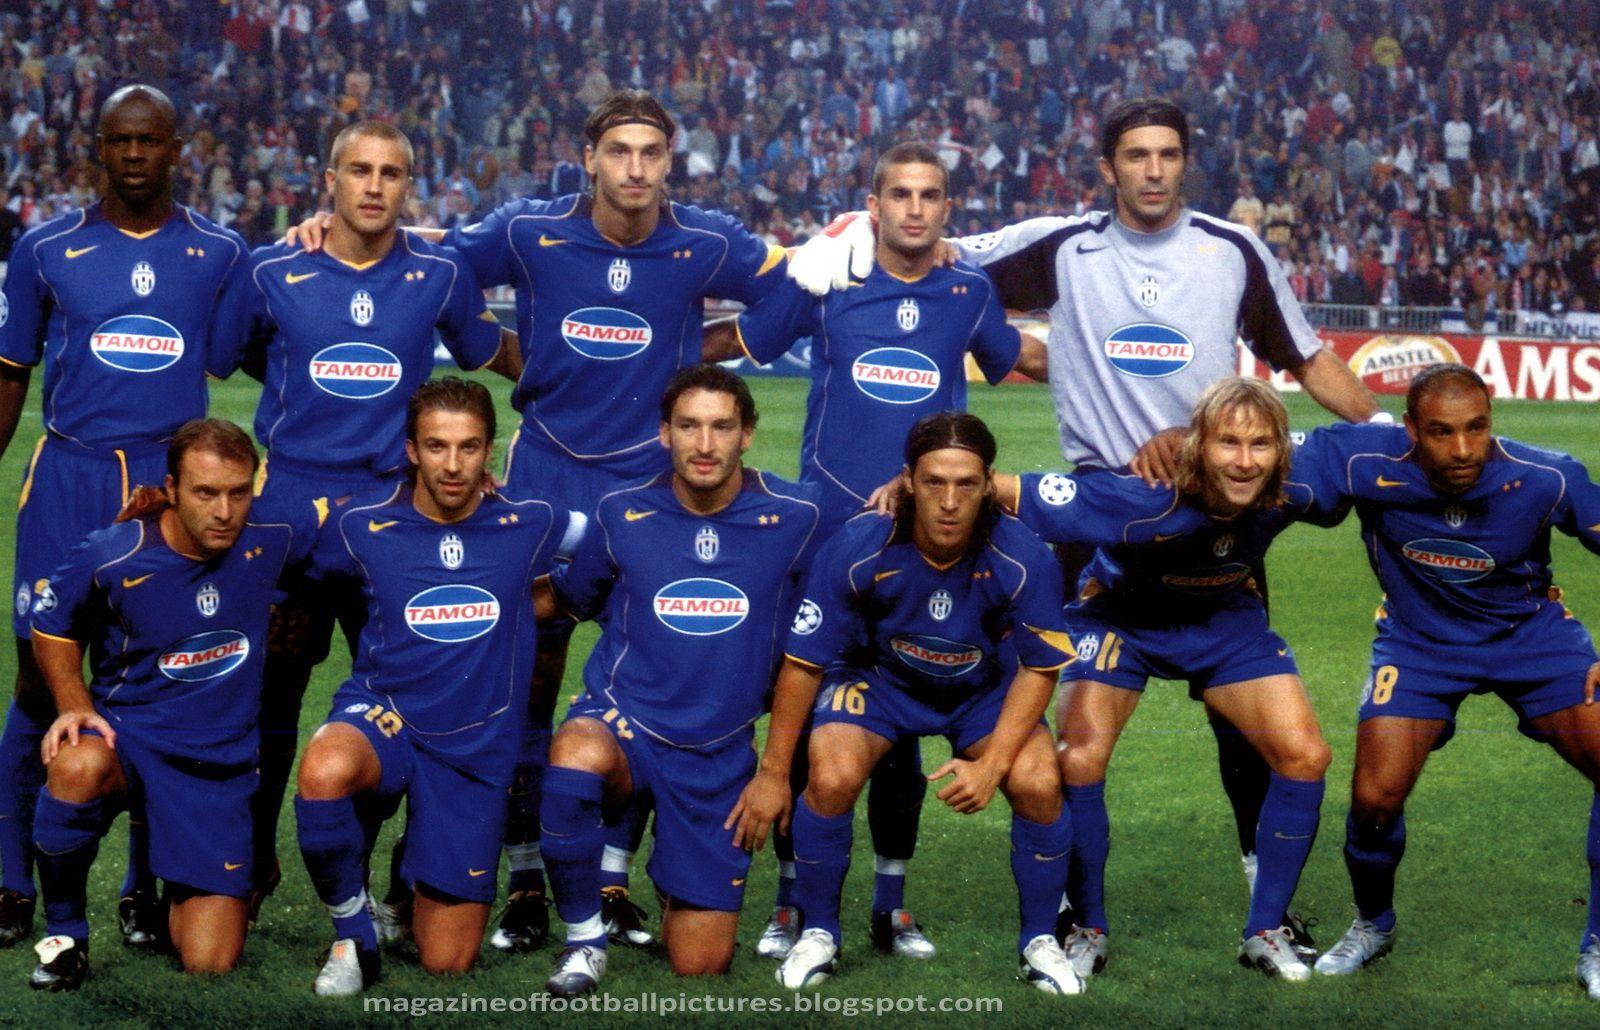 dc505ef5f Juventus 2004-2005 - 3 Maglia